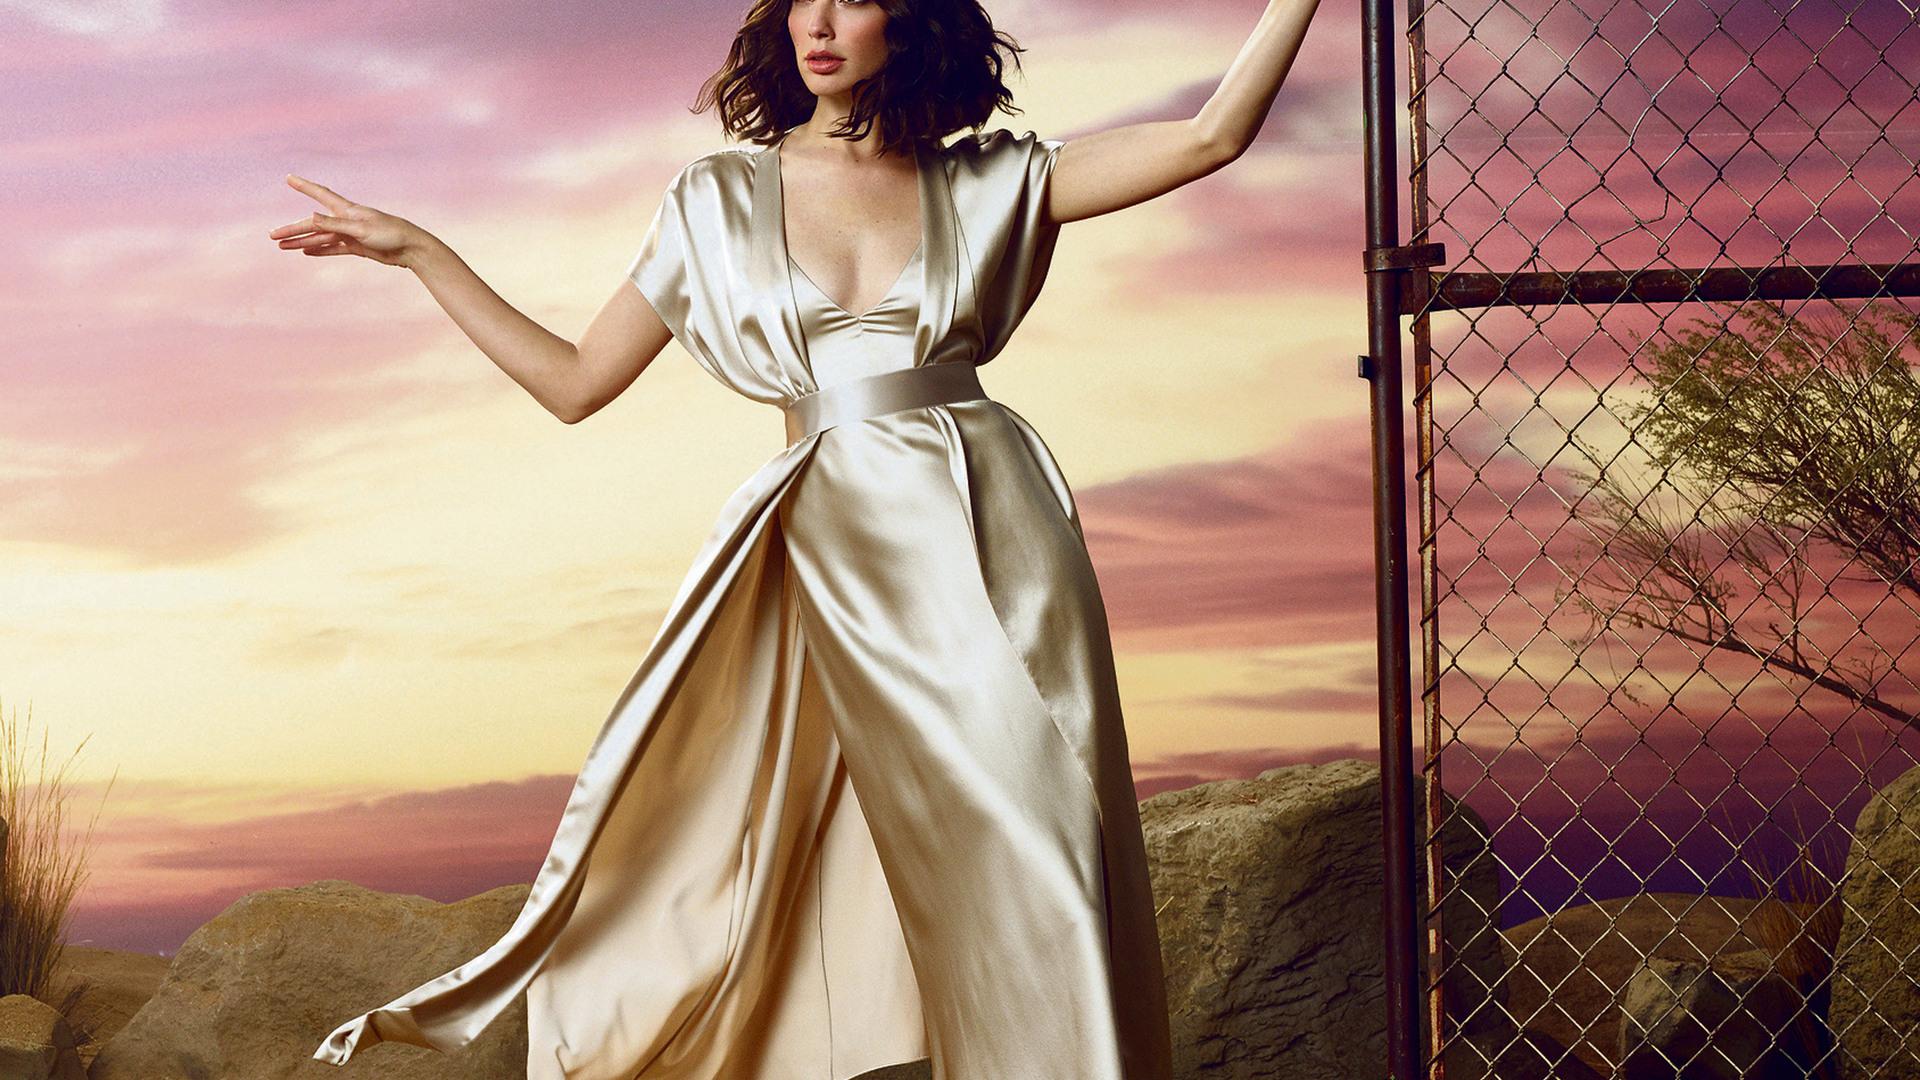 gal-gadot-glamour-magazine-photoshoot-v4.jpg